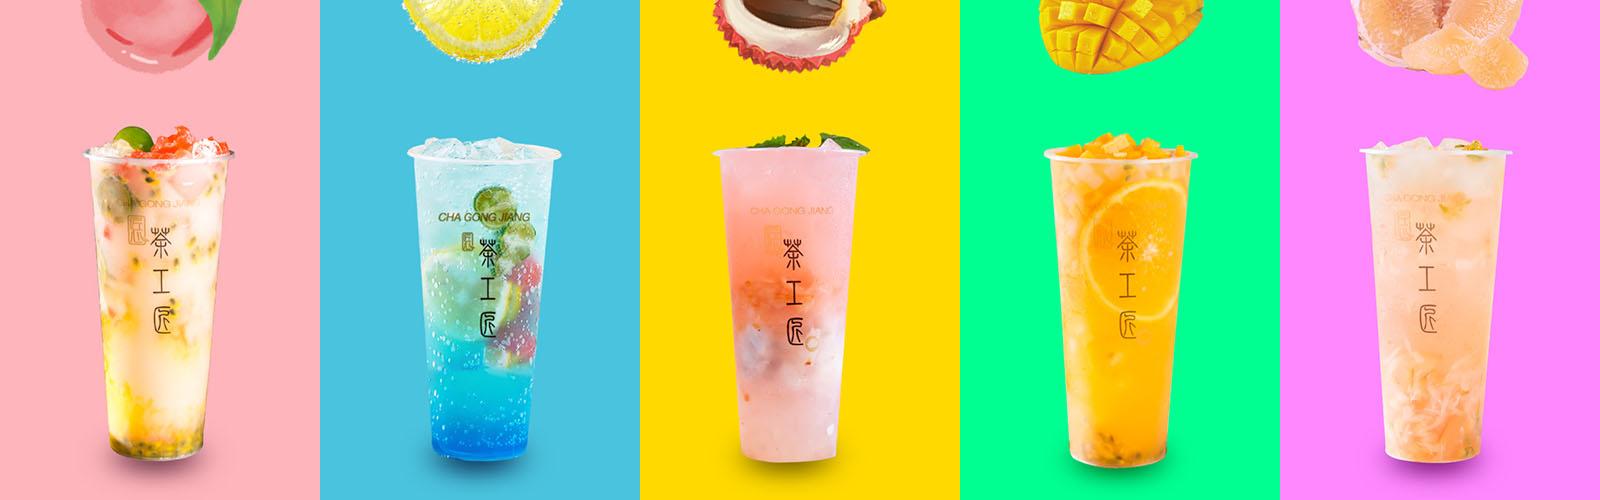 昆明奶茶技术免费培训